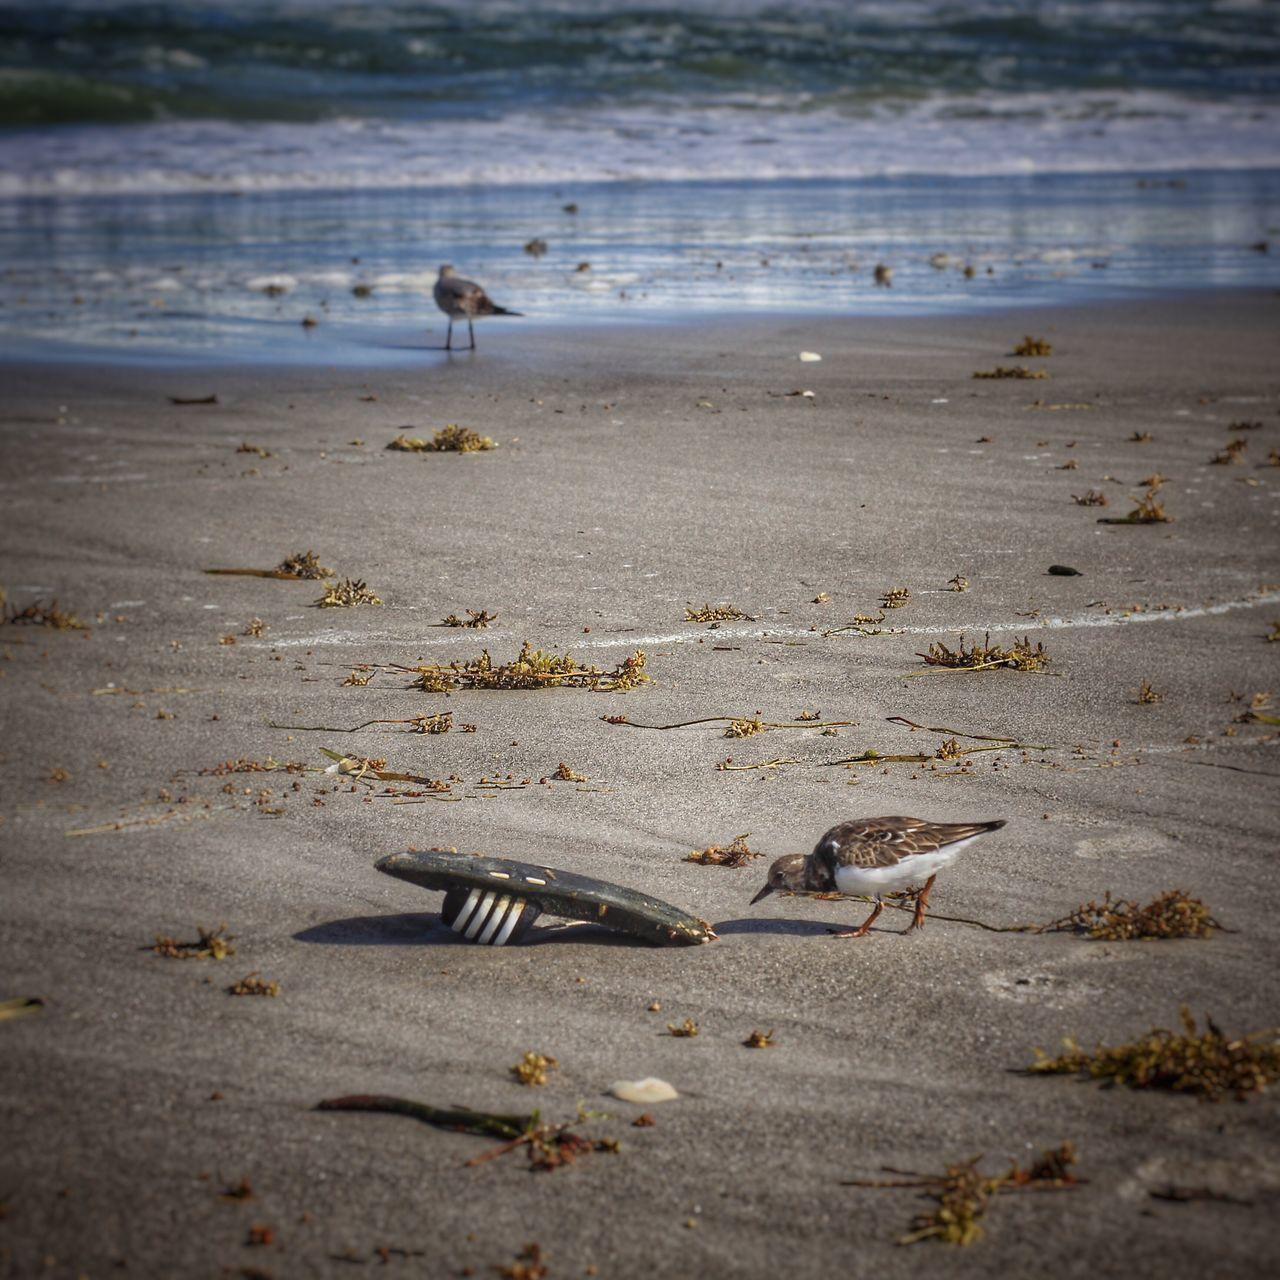 Sandpiper & flipflop Sandpiper Beach Bird Shore Shore Birds Flipflops Flip Flops Flotsam Melbourne Beach, FL Beach Birds